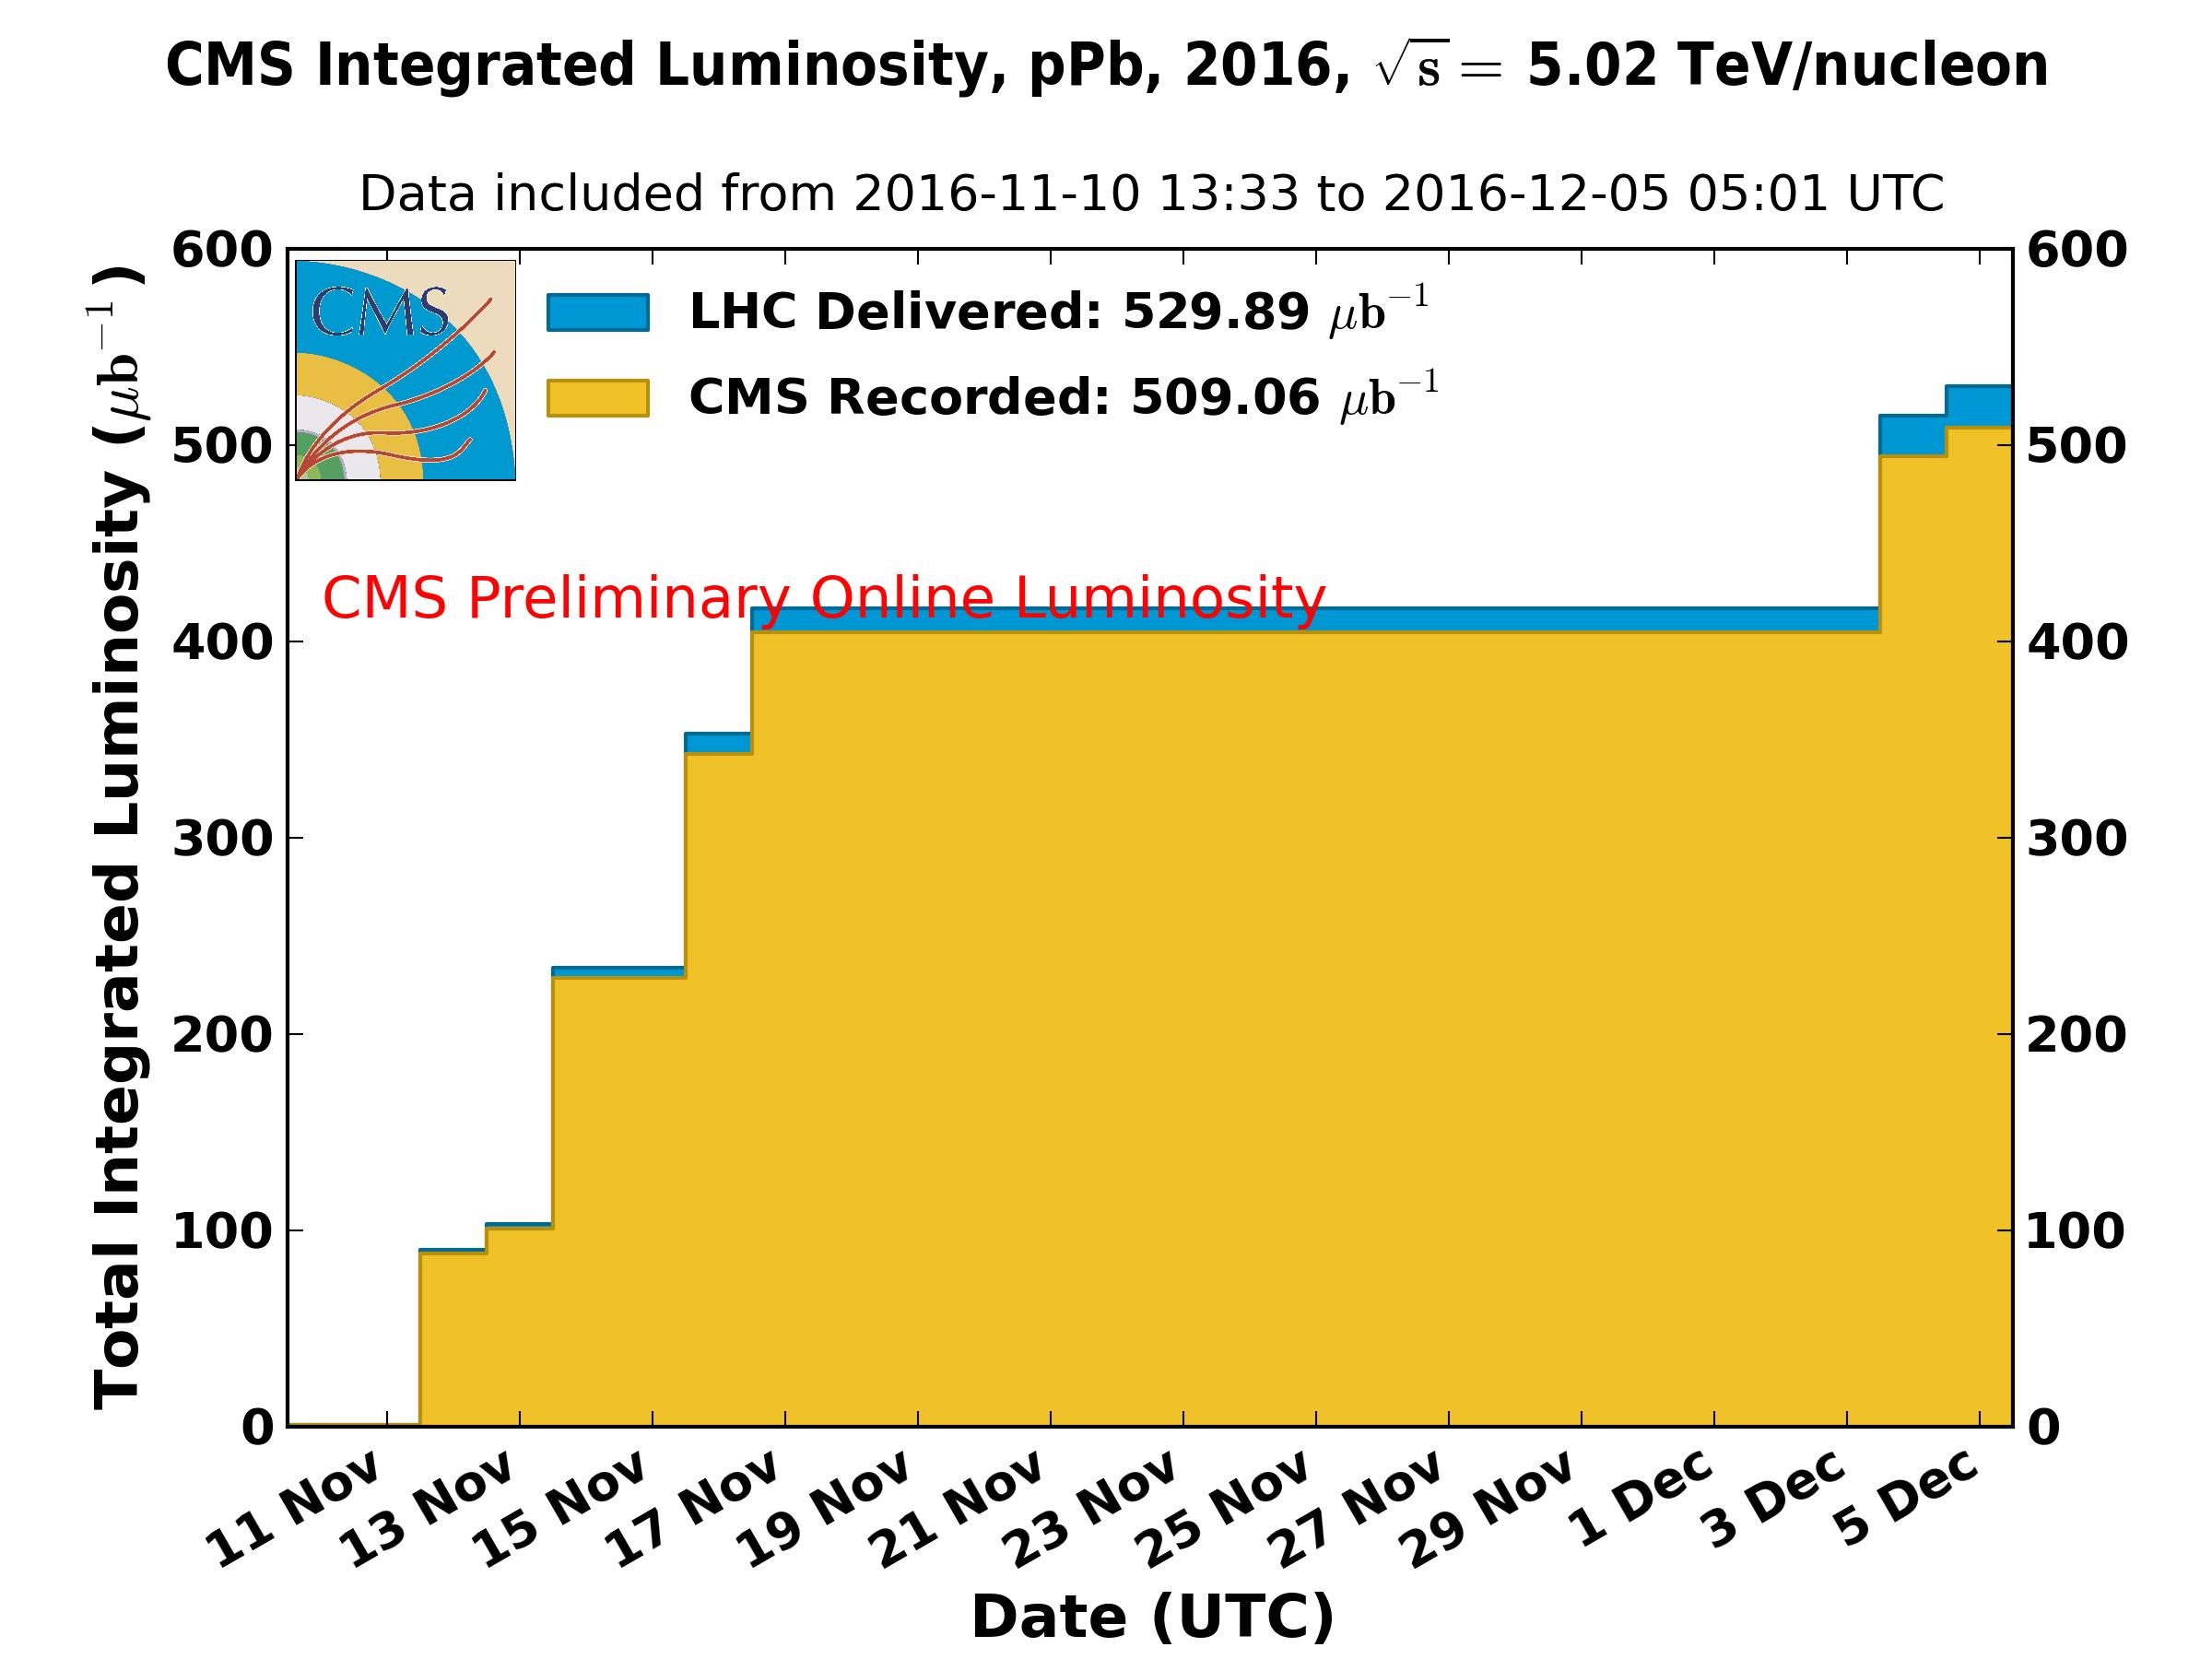 https://cern.ch/cmslumi/publicplots/int_lumi_per_day_cumulative_ppb_2016OnlineLumi5TeVPPb.png